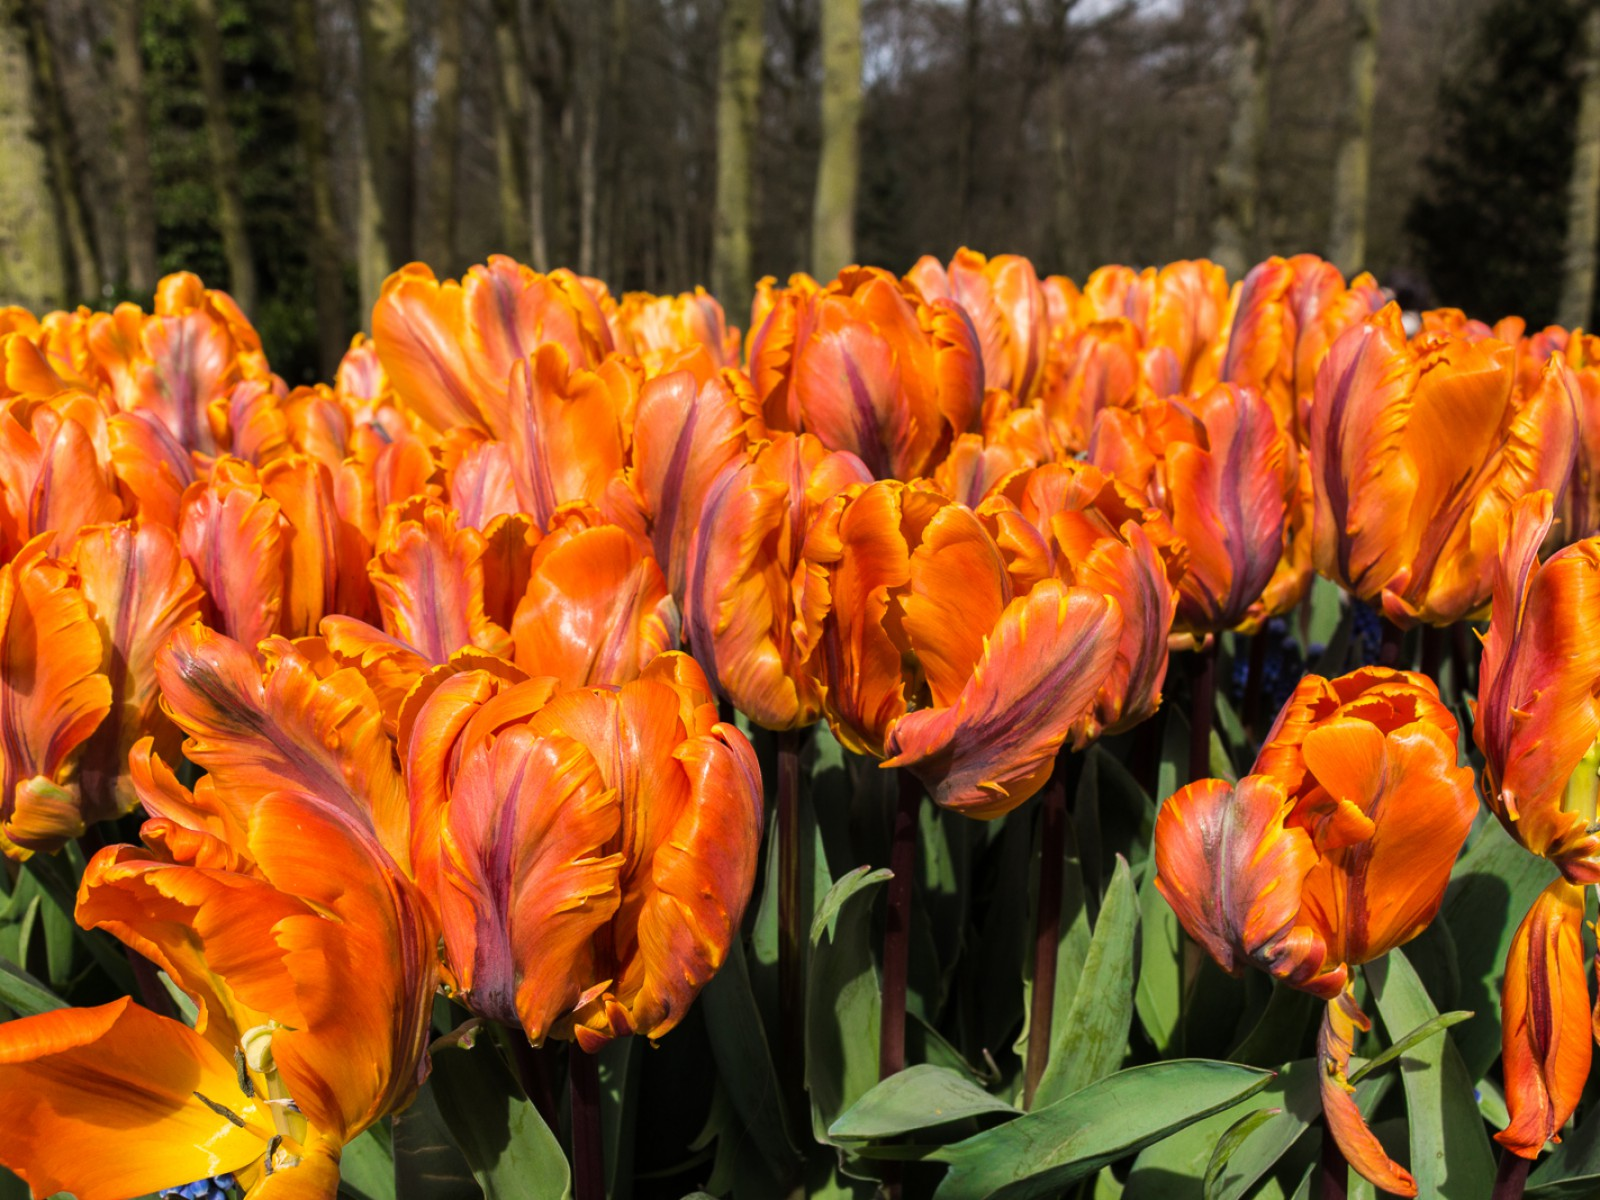 niederlande_noordwijk_keukenhof_reiseblog-2736